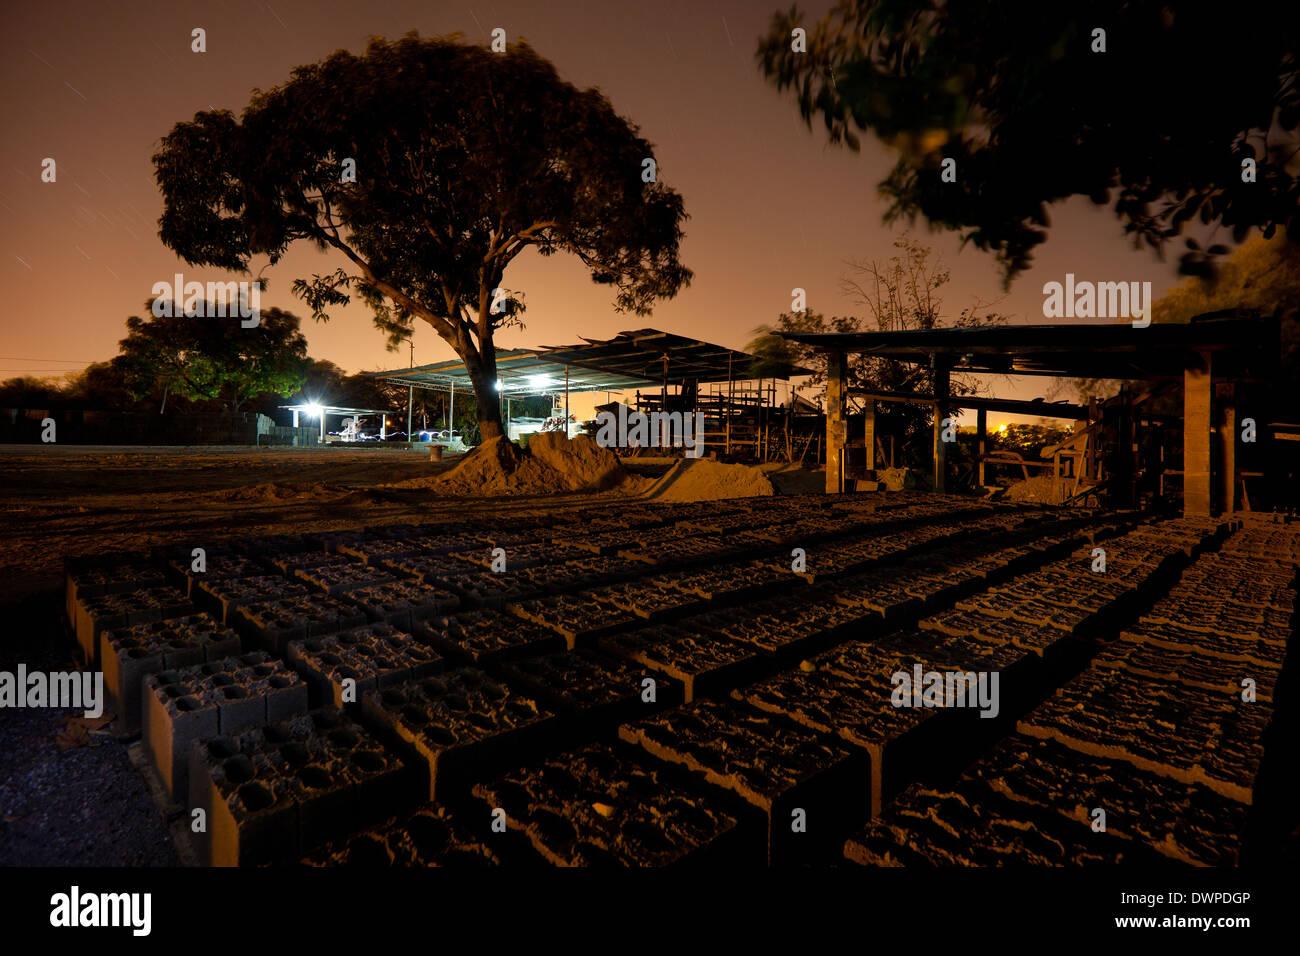 Noche en la planta de materiales de construcción, Industrias Gordon S.A. en Penonomé, provincia de Coclé, República de Panamá. Imagen De Stock